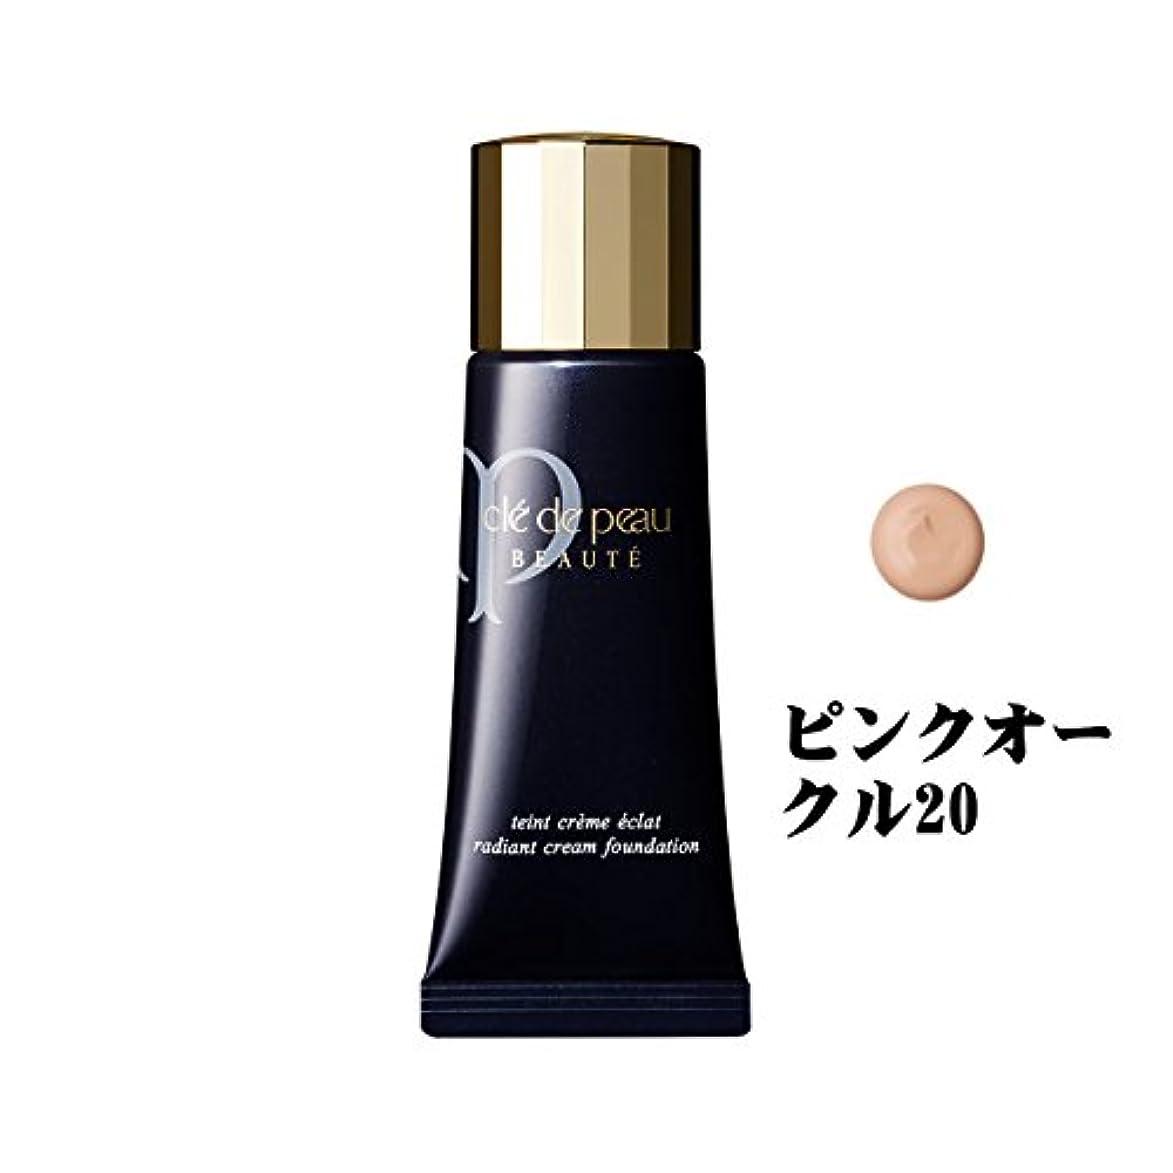 平均しない数字資生堂/shiseido クレドポーボーテ/CPB タンクレームエクラ クリームタイプ SPF25?PA++ ピンクオークル20